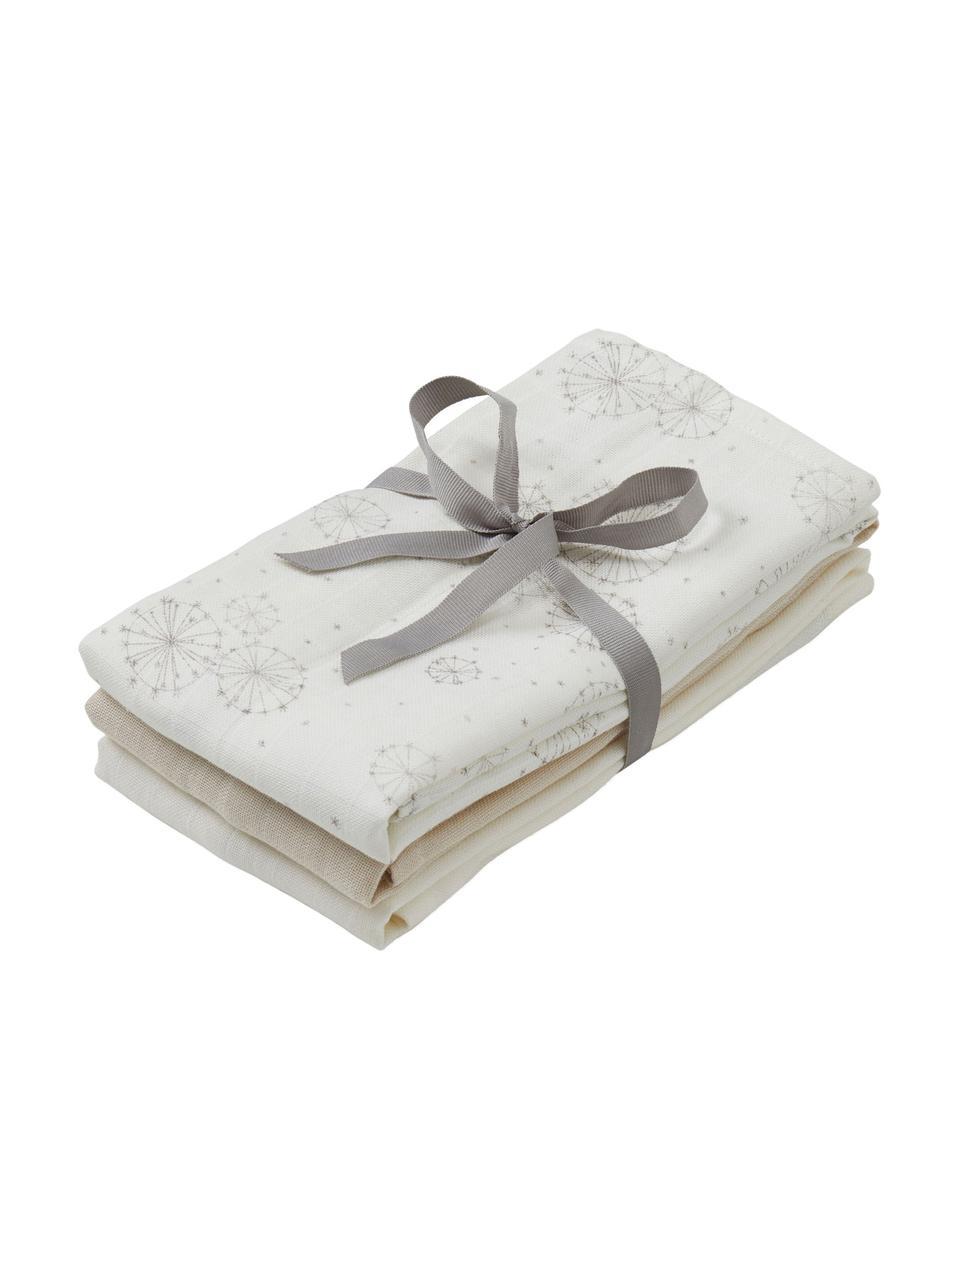 Komplet pieluszek tetrowych z bawełny organicznej Dandelion, 3 elem., 100% bawełna organiczna, Biały, beżowy, kremowy, S 70 x D 70 cm